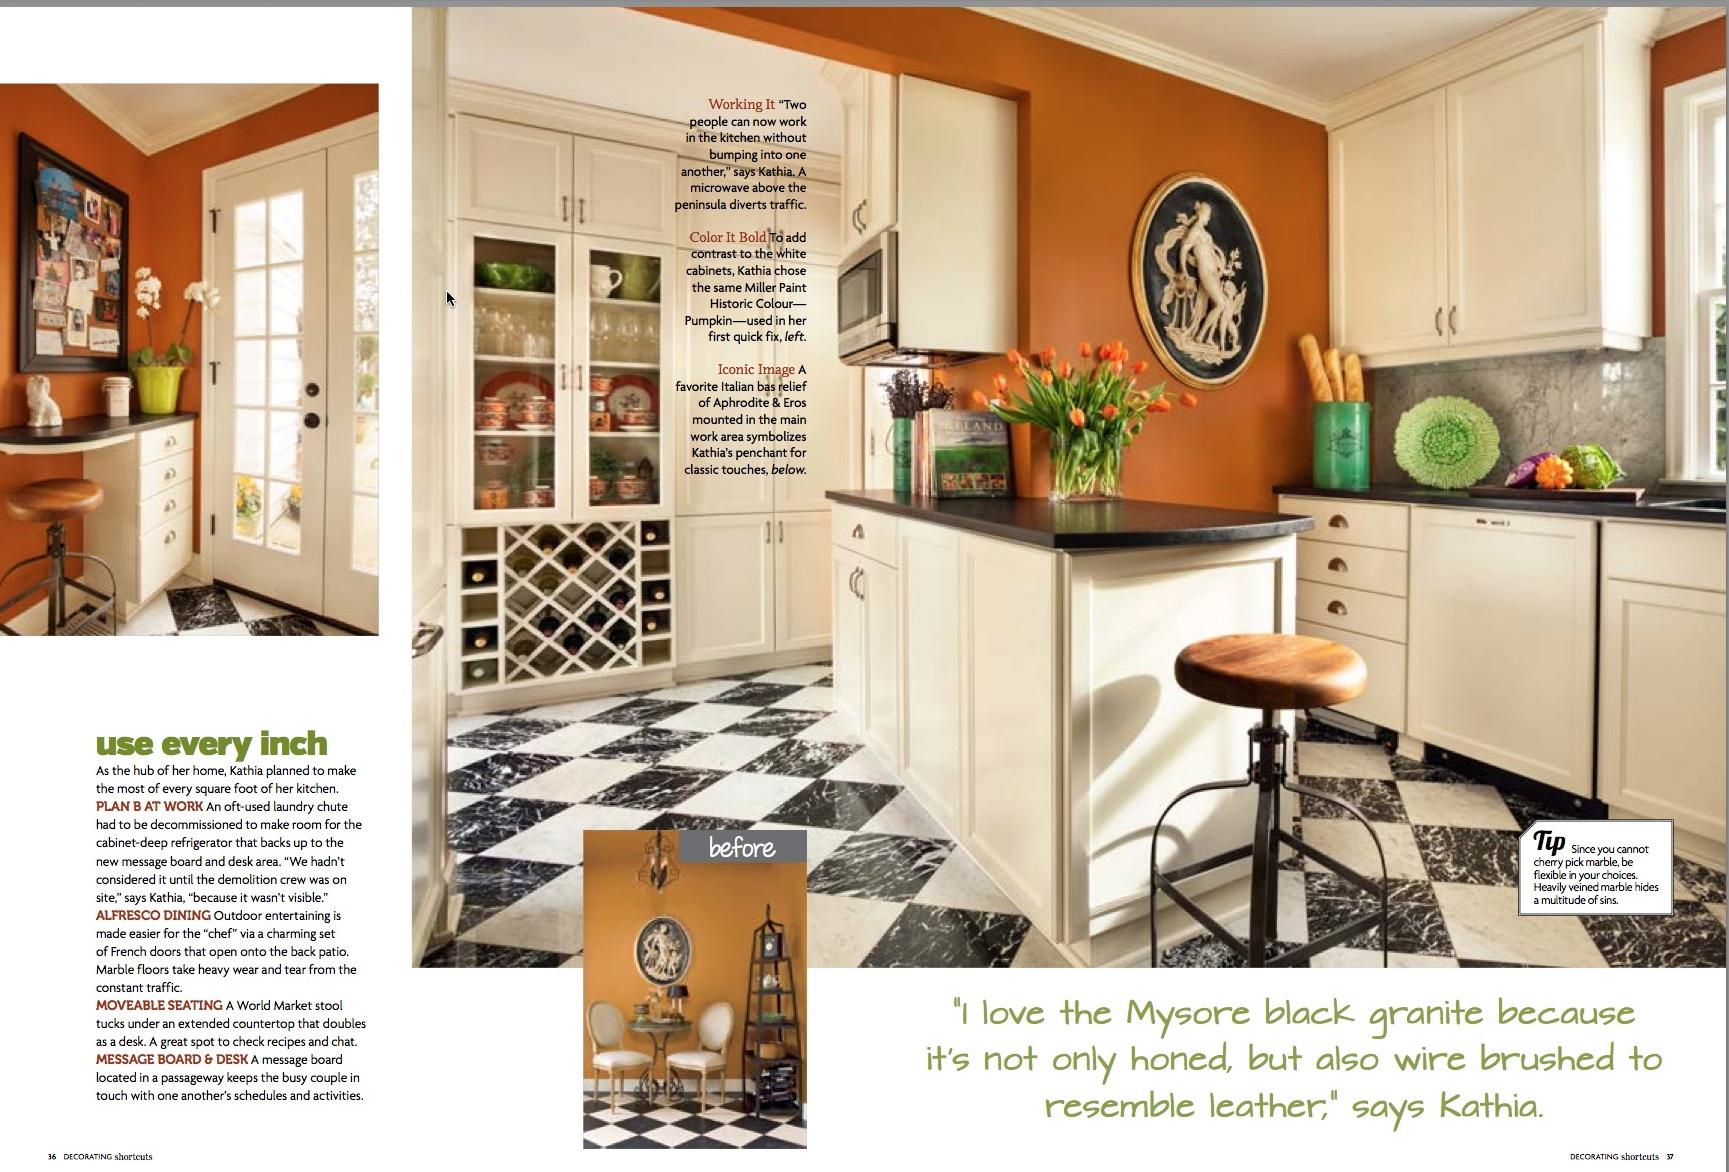 kitchen p 1 kitchen p - Kitchen Remodeling Magazine